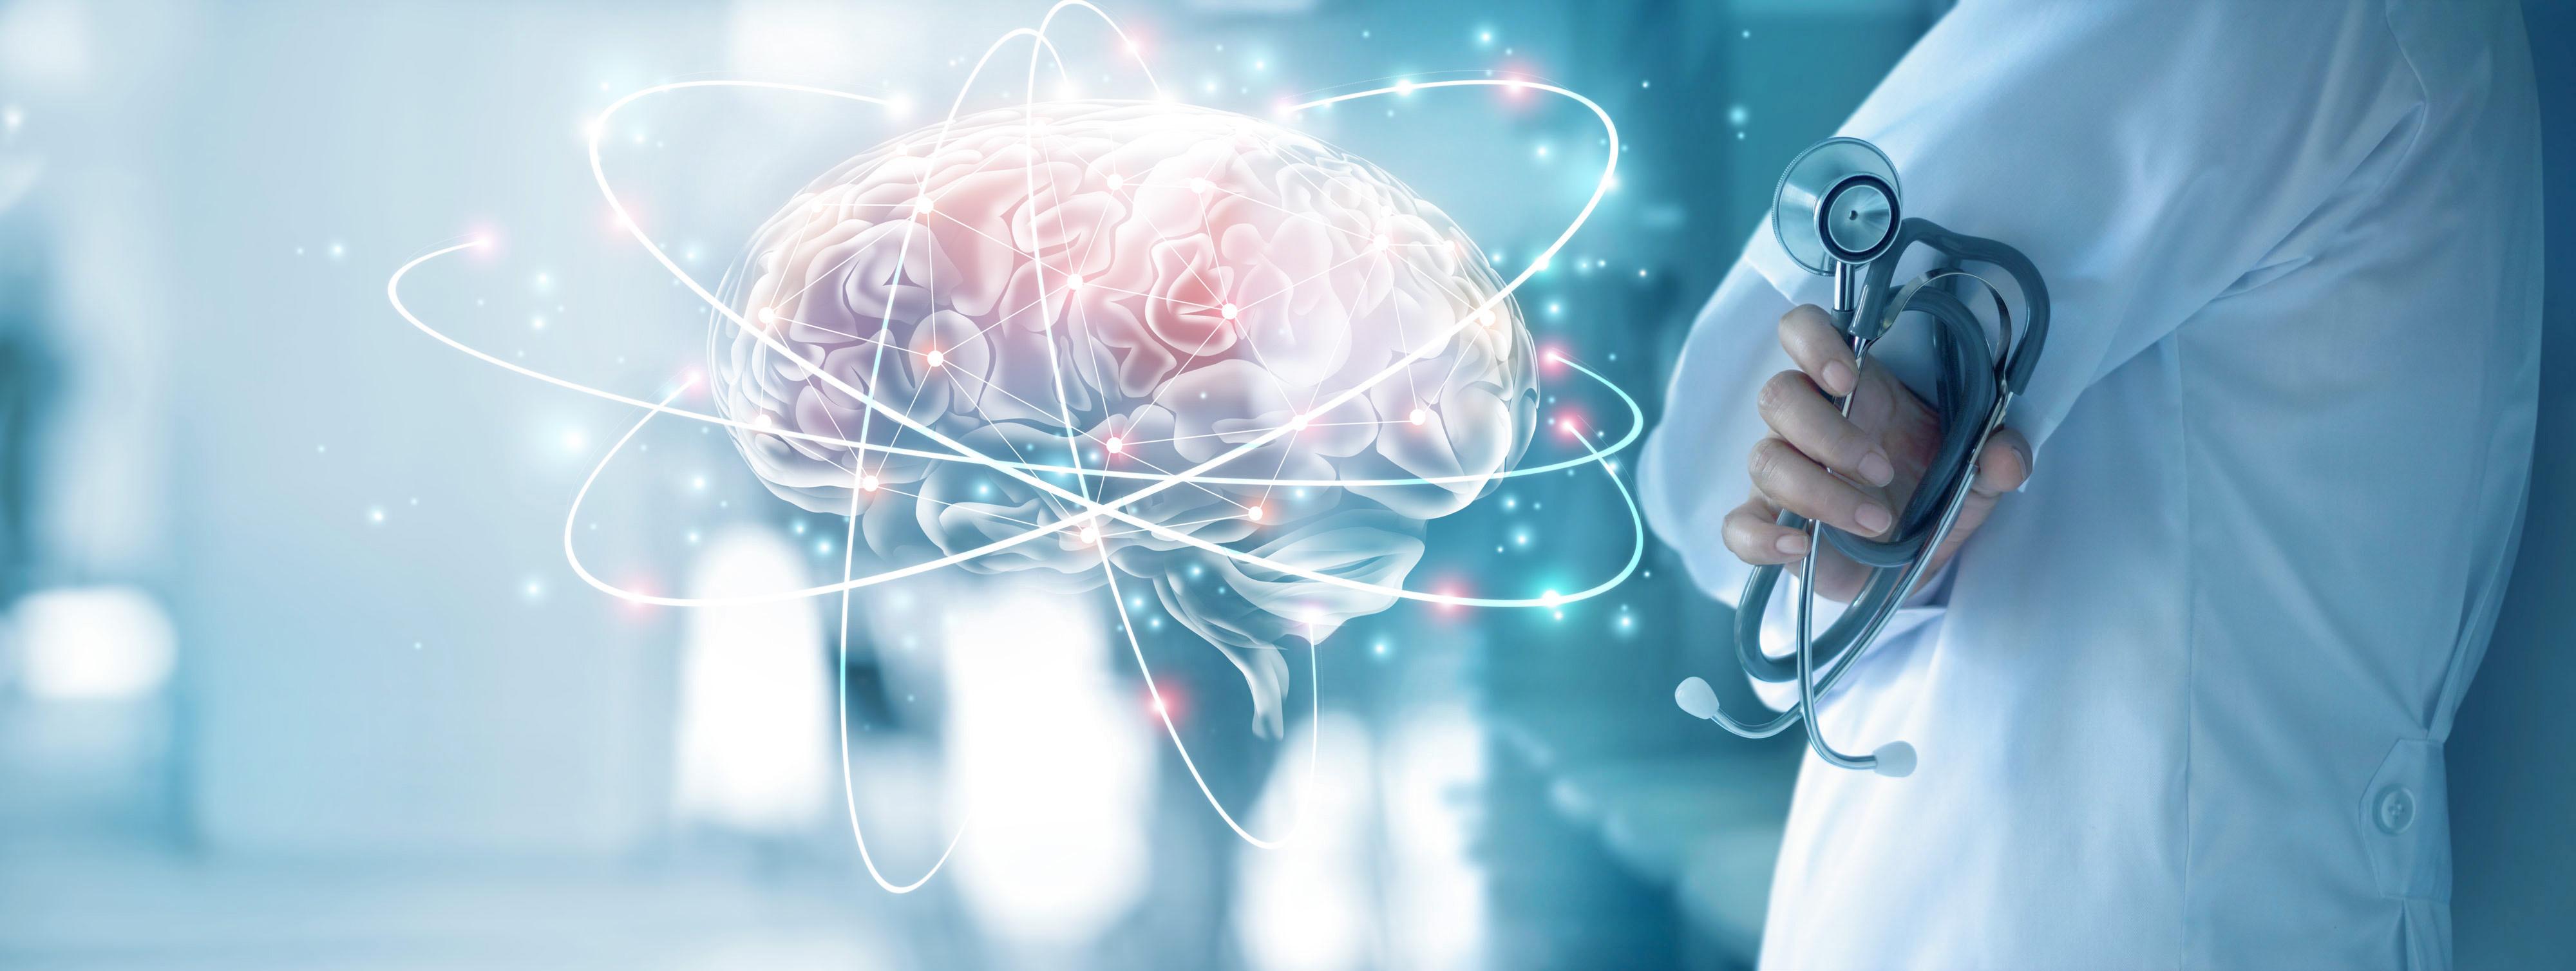 L'imagerie ultrasonore au service de la psychiatrie